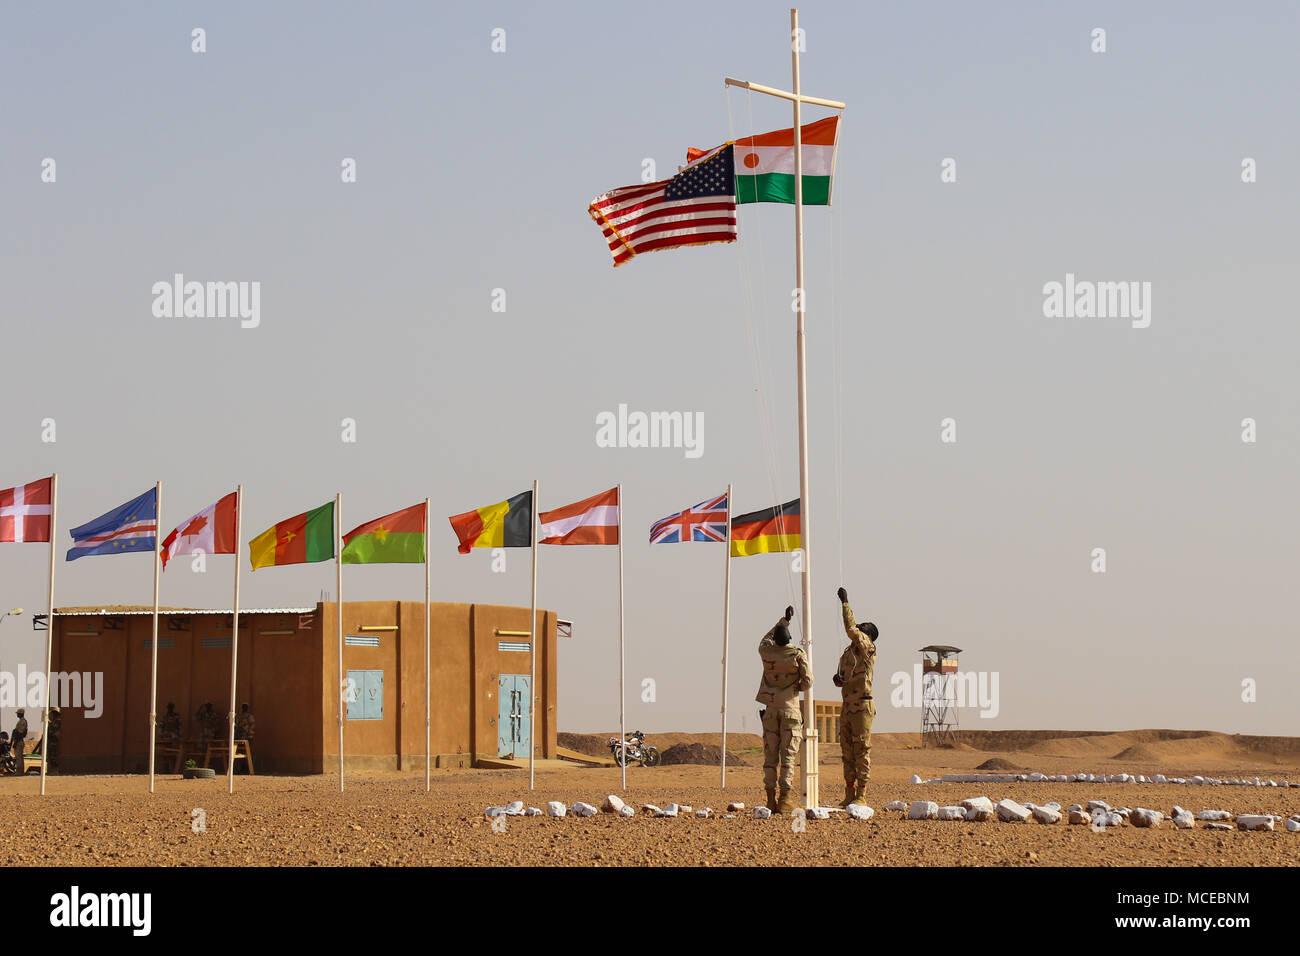 Nigrischen und amerikanische Flaggen sind bei der Eröffnung der Musketen 2018 Agadez, Niger am 11. April 2018 angesprochen. Flintlock US Africa Command's Premier und größte jährliche Spezialeinsatzkräfte trainieren. Stockbild